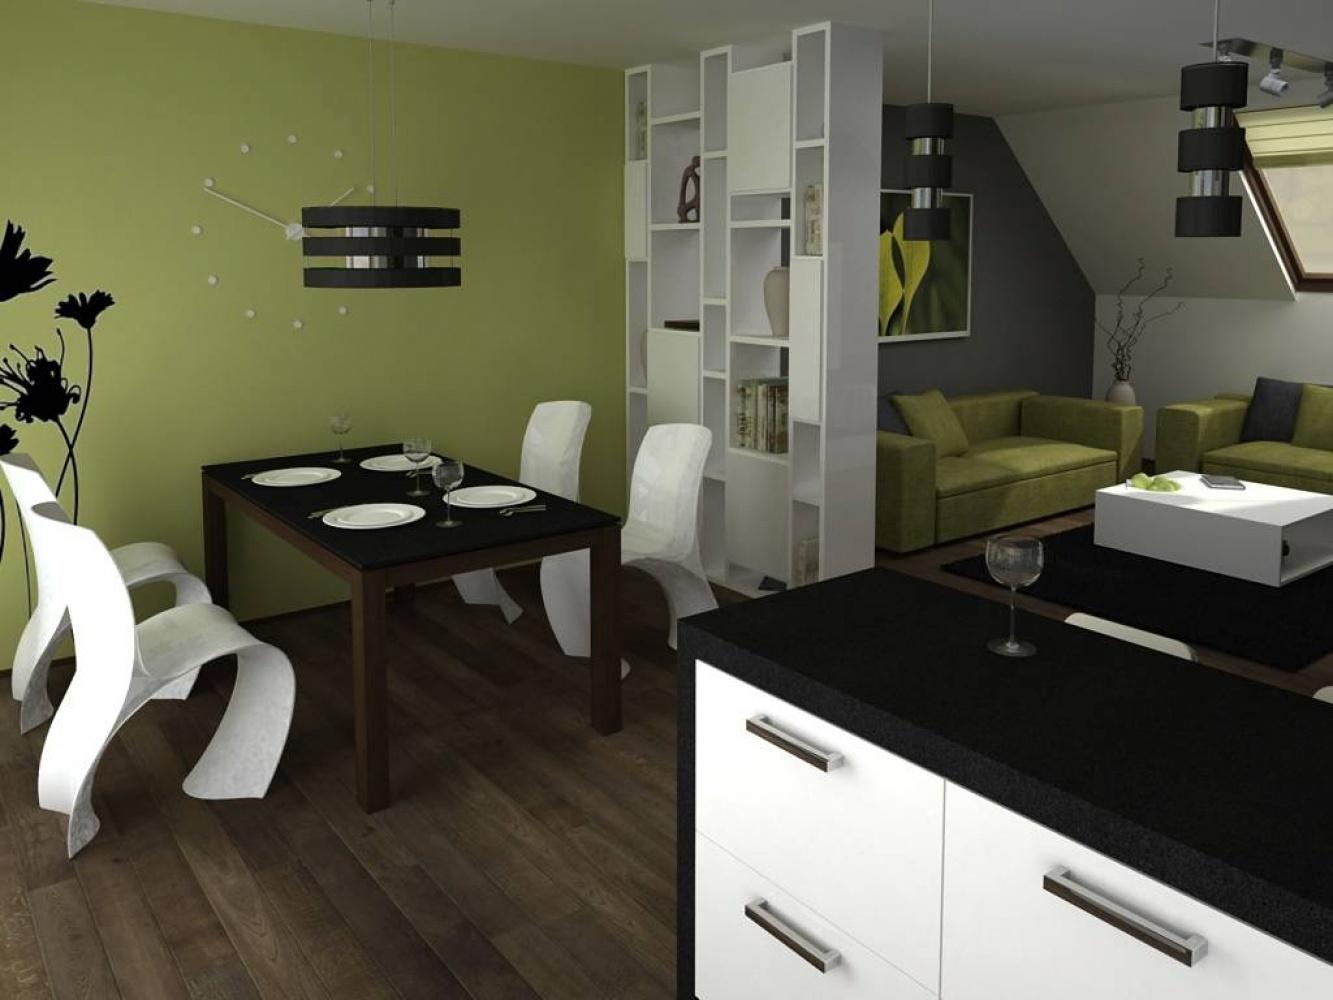 Půdní byt 3+kk, plocha 119 m², ulice Šmilovského, Praha 2 - Vinohrady, cena 9 490 000 Kč | 2